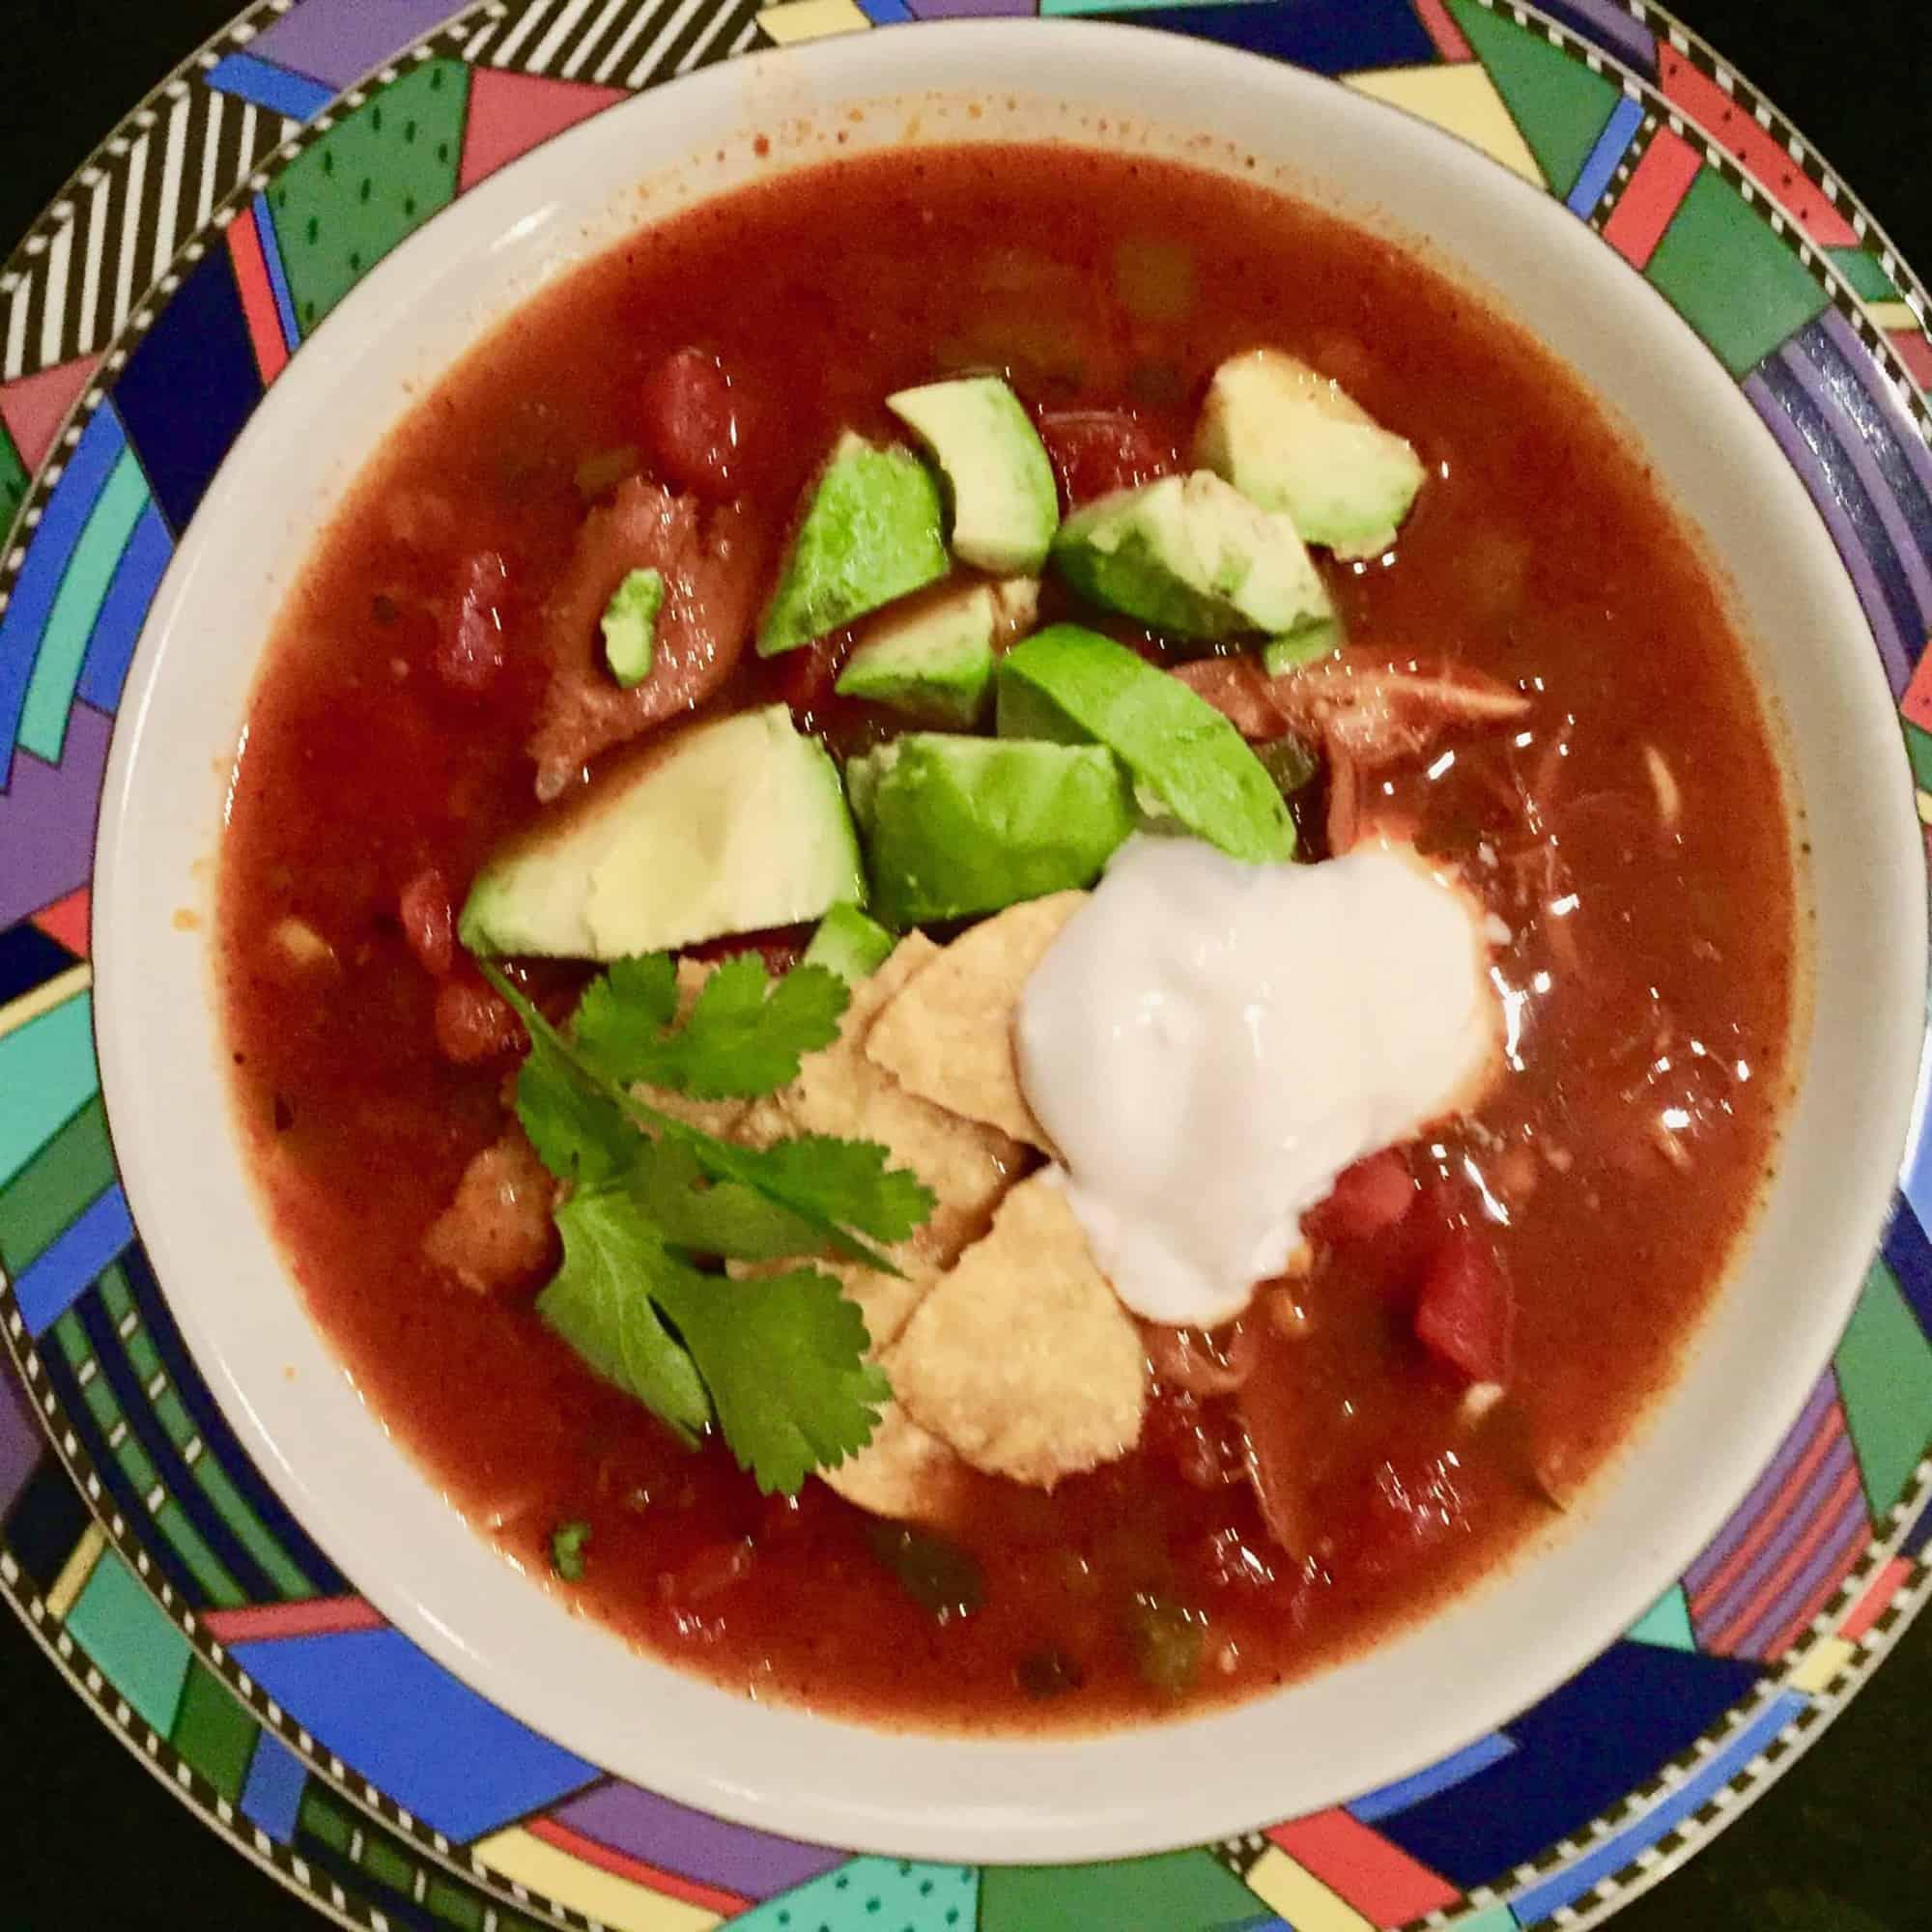 Lauren's Mother-In-Law's Tortilla Soup